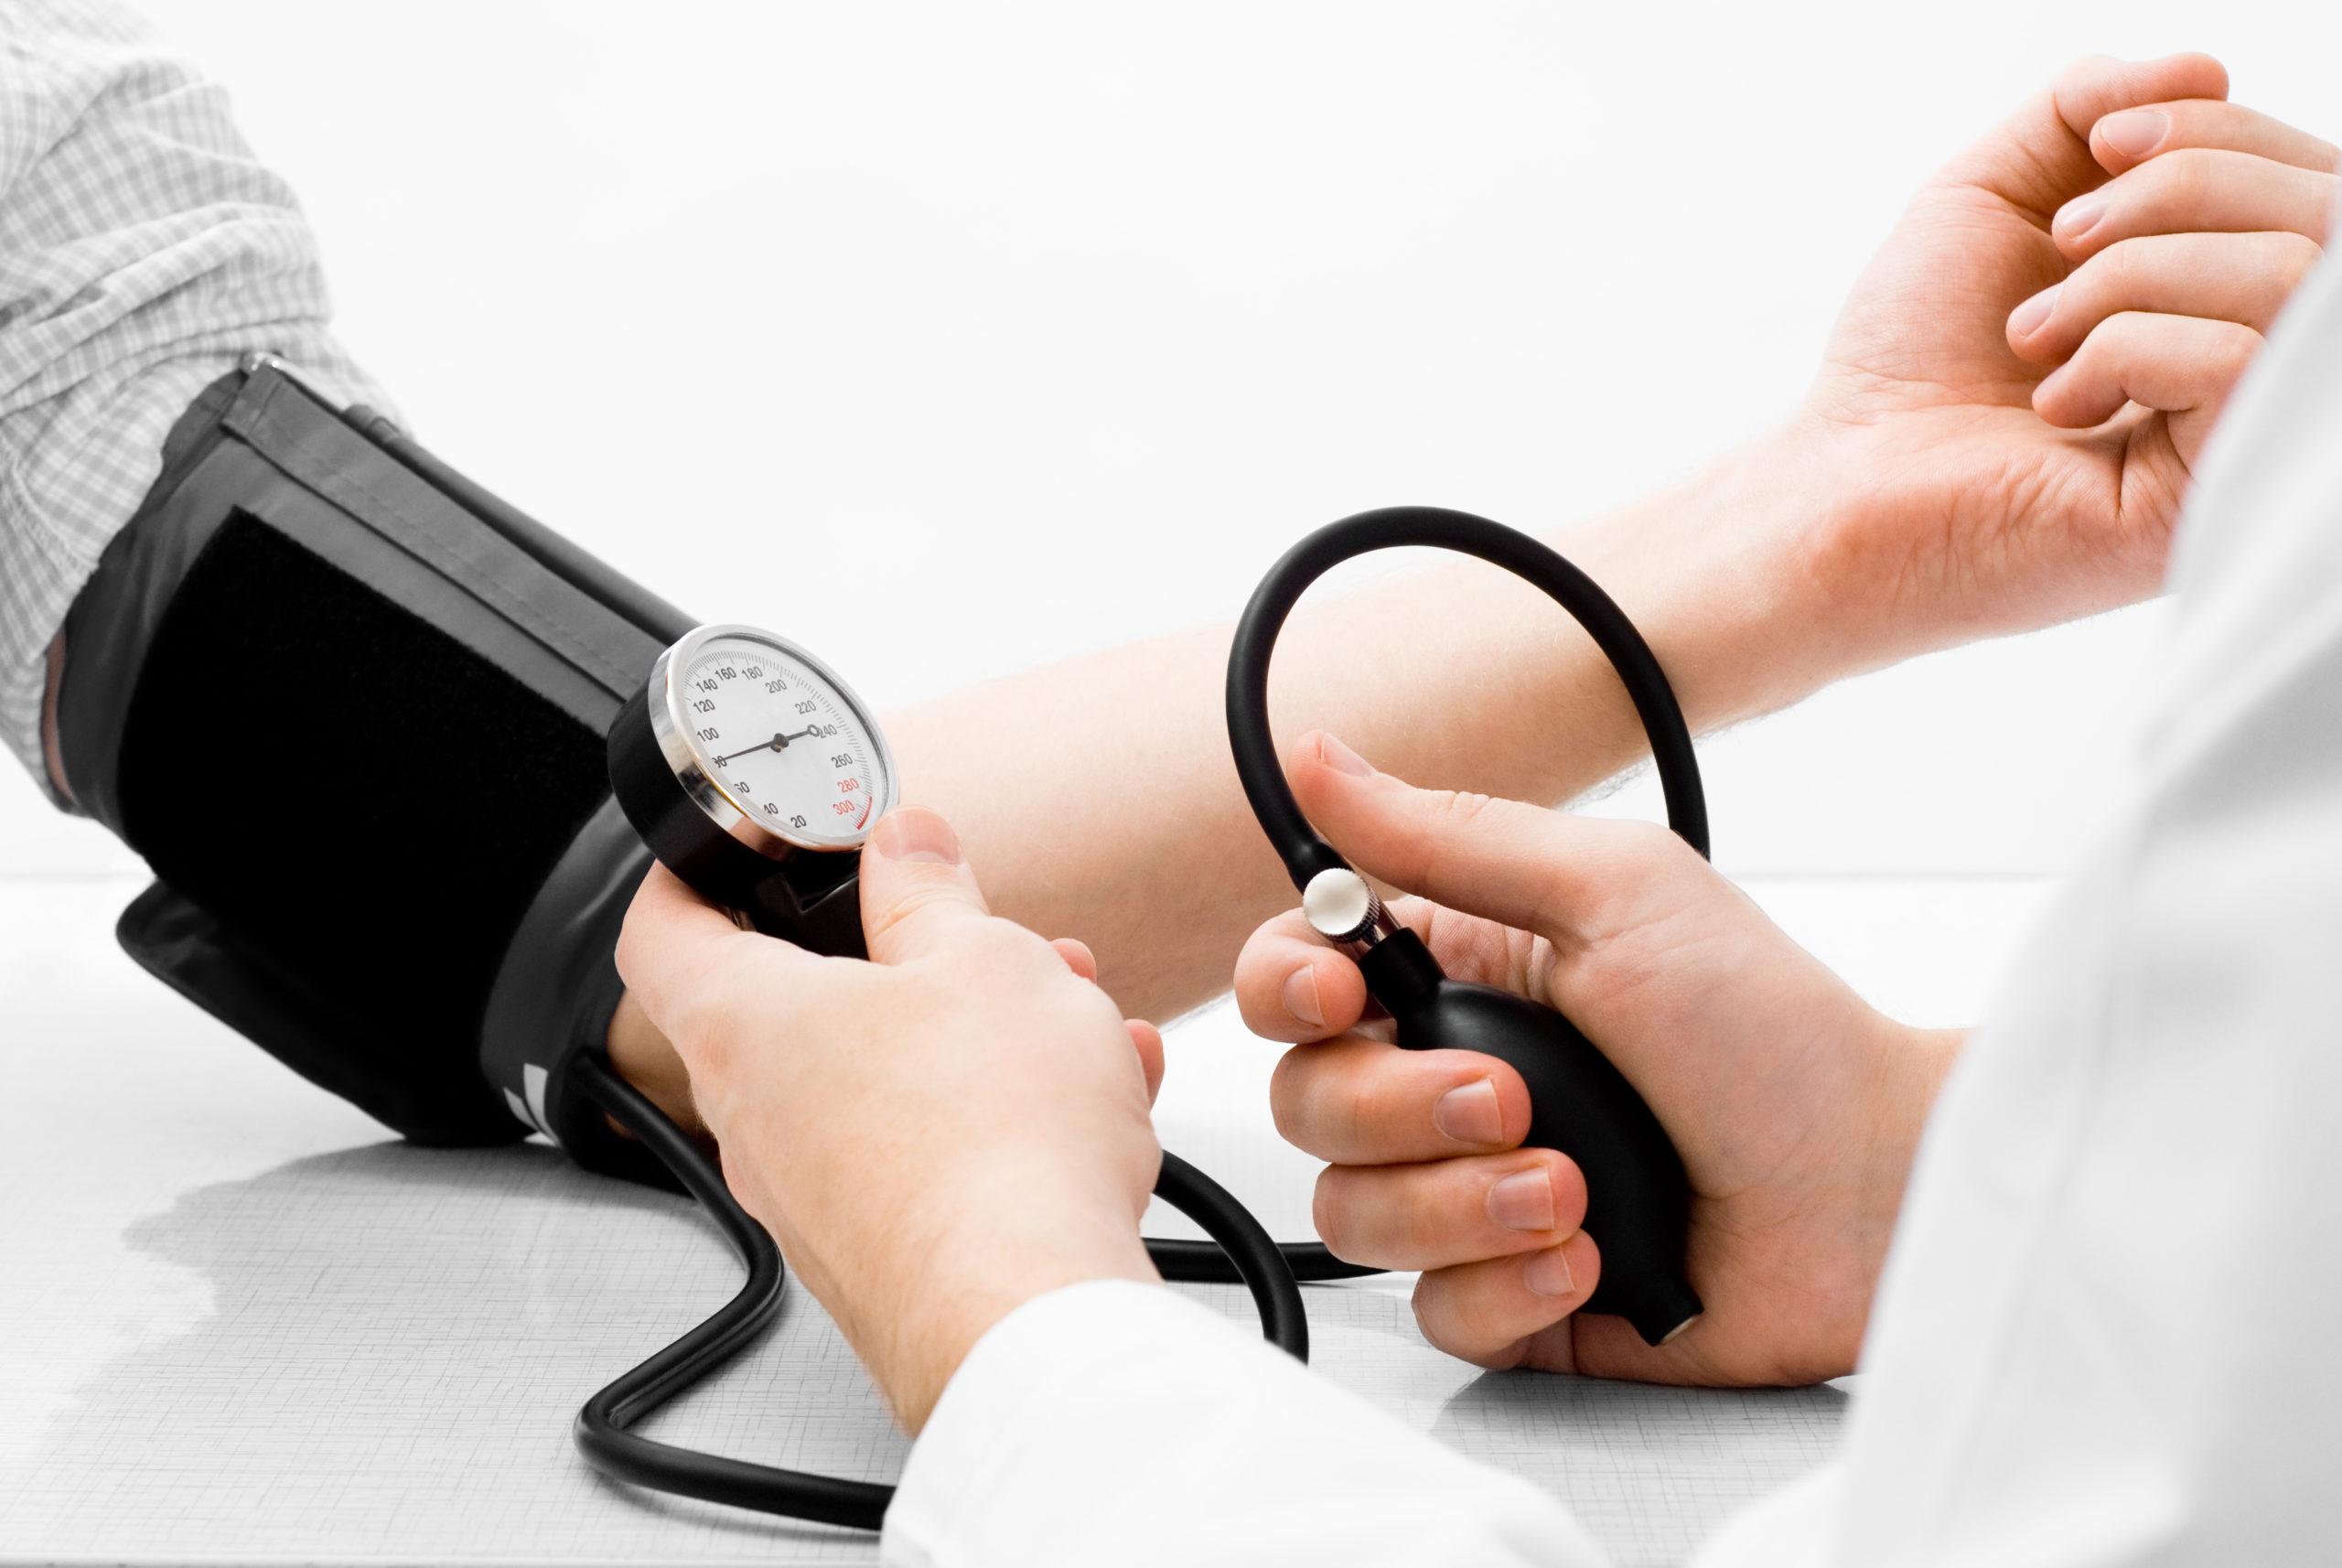 Jakie są zalety ciśnieniomierza?